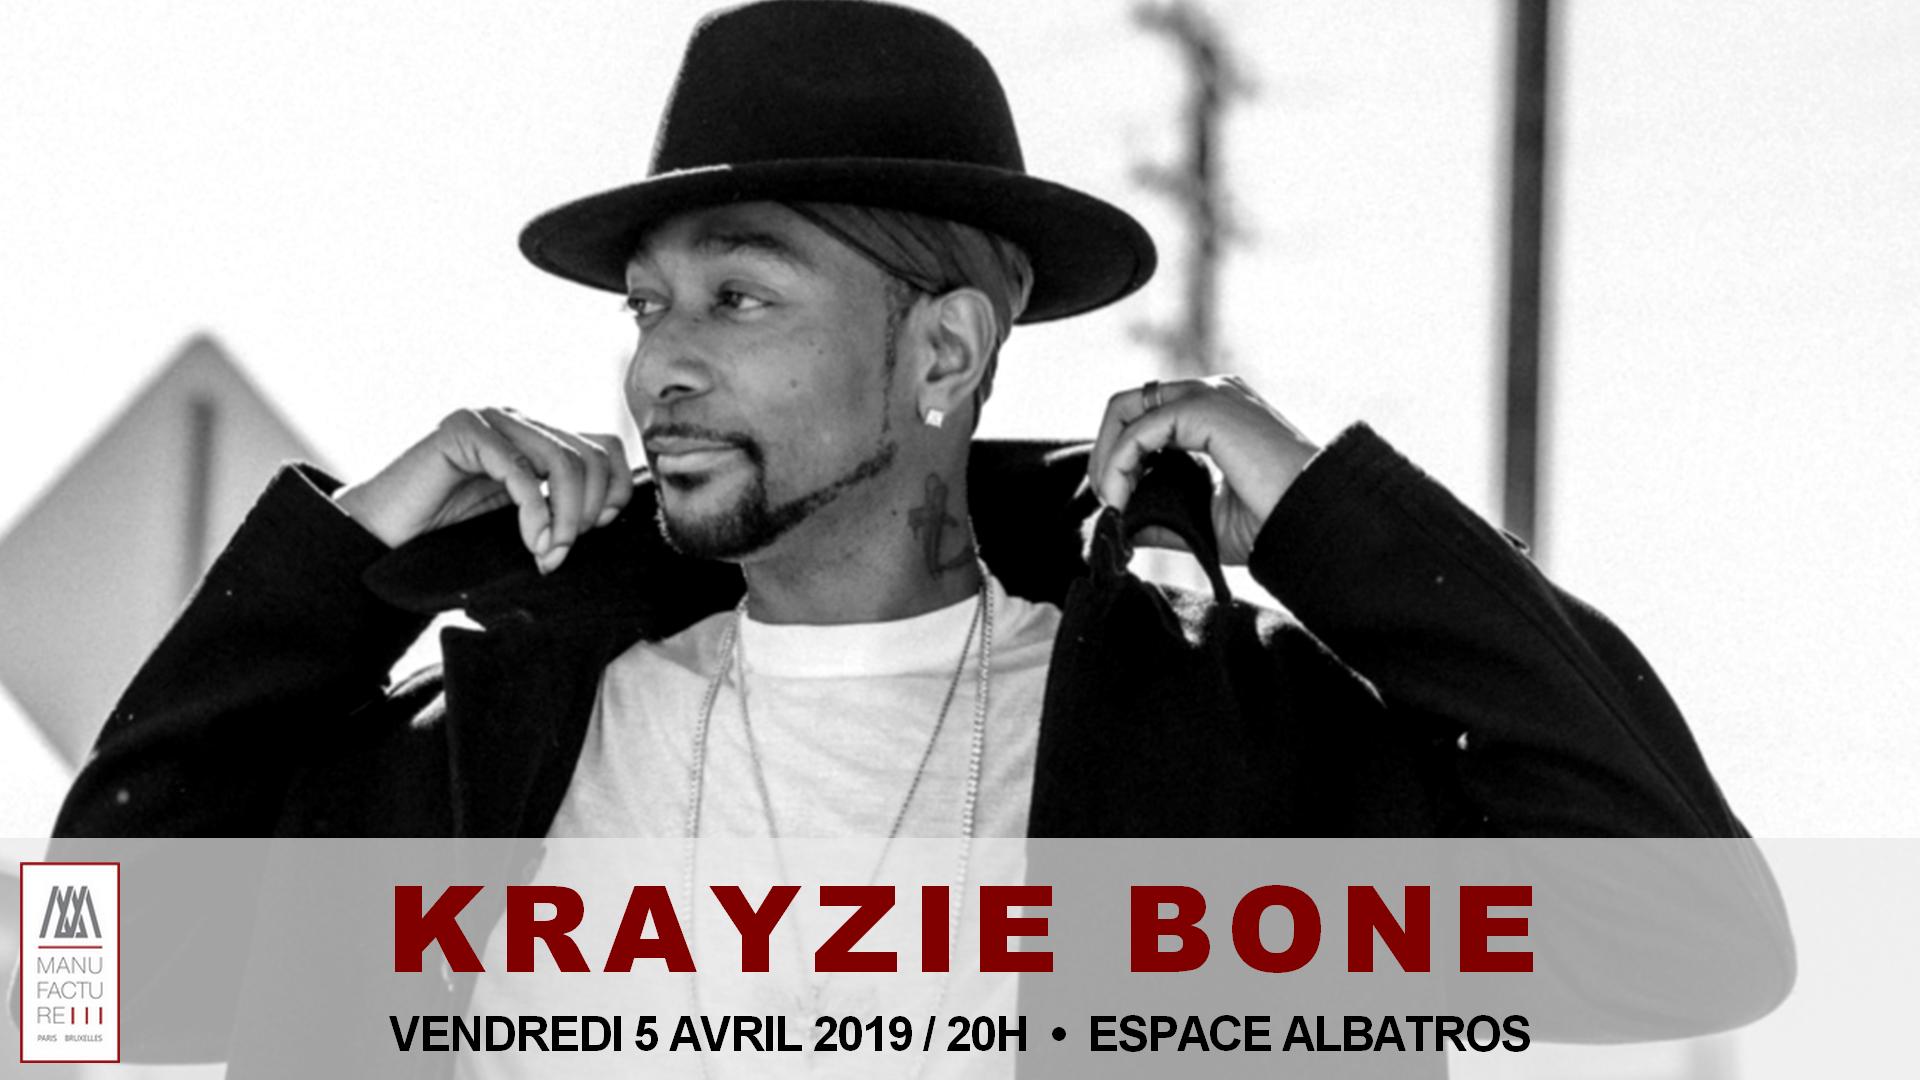 Krayzie Bone en concert